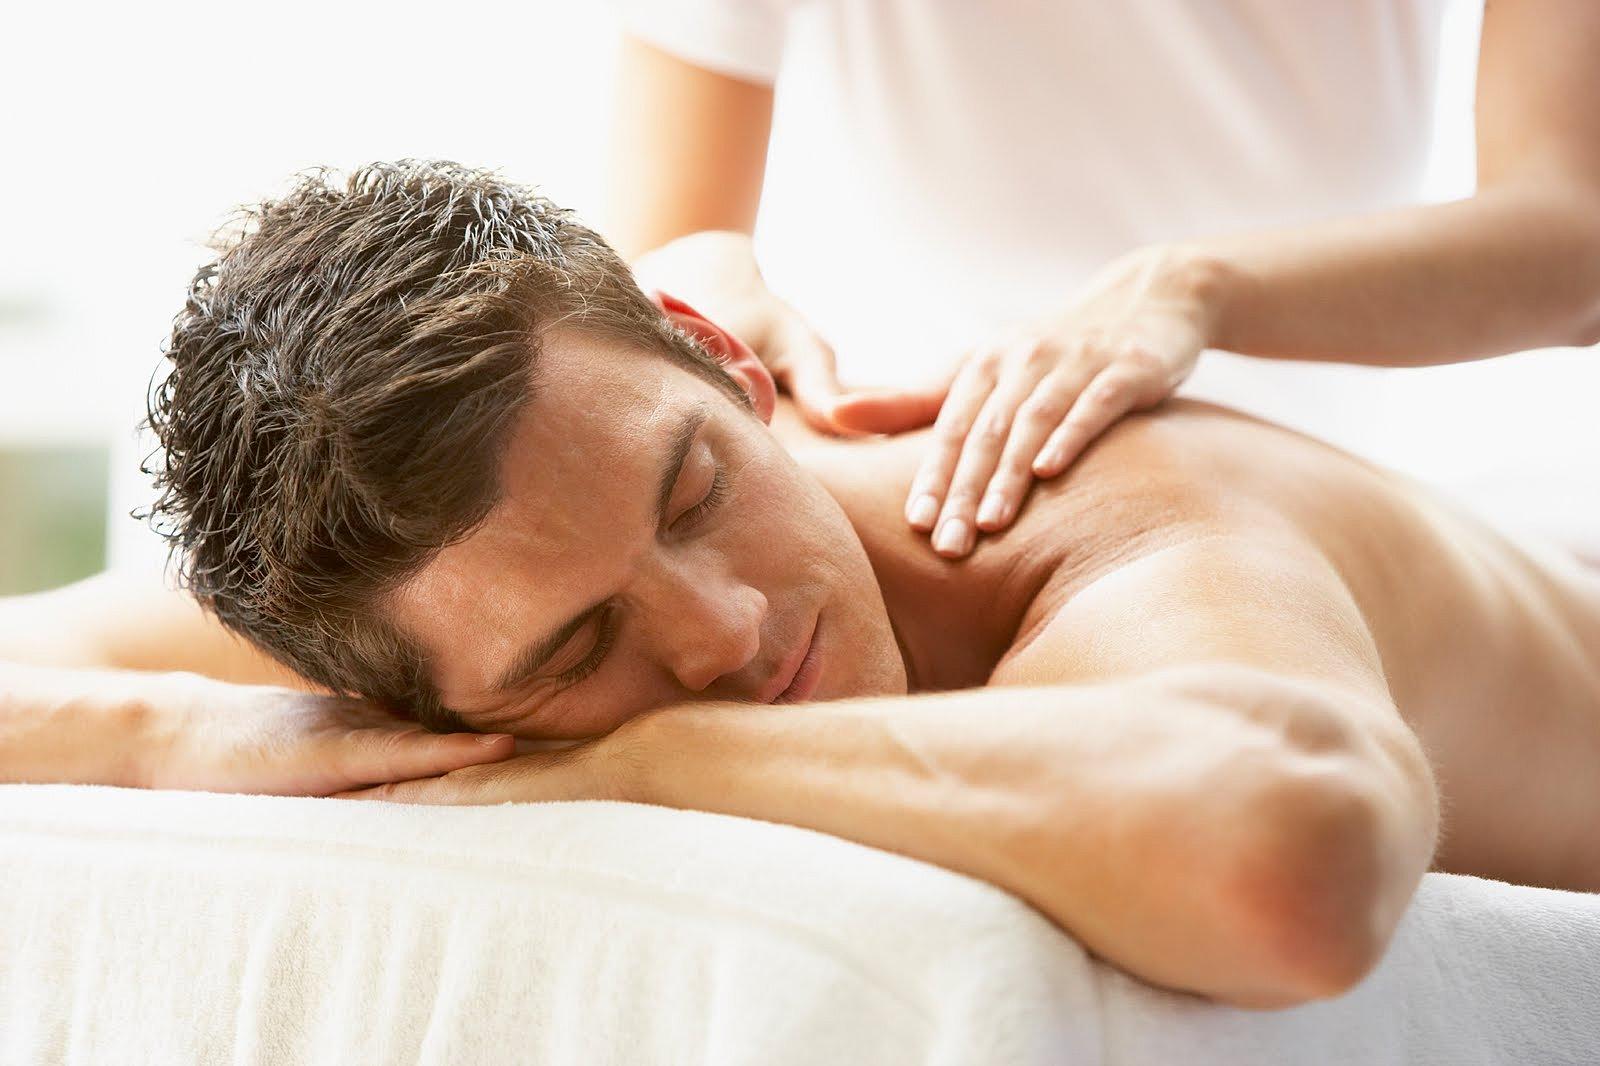 massage aurora il